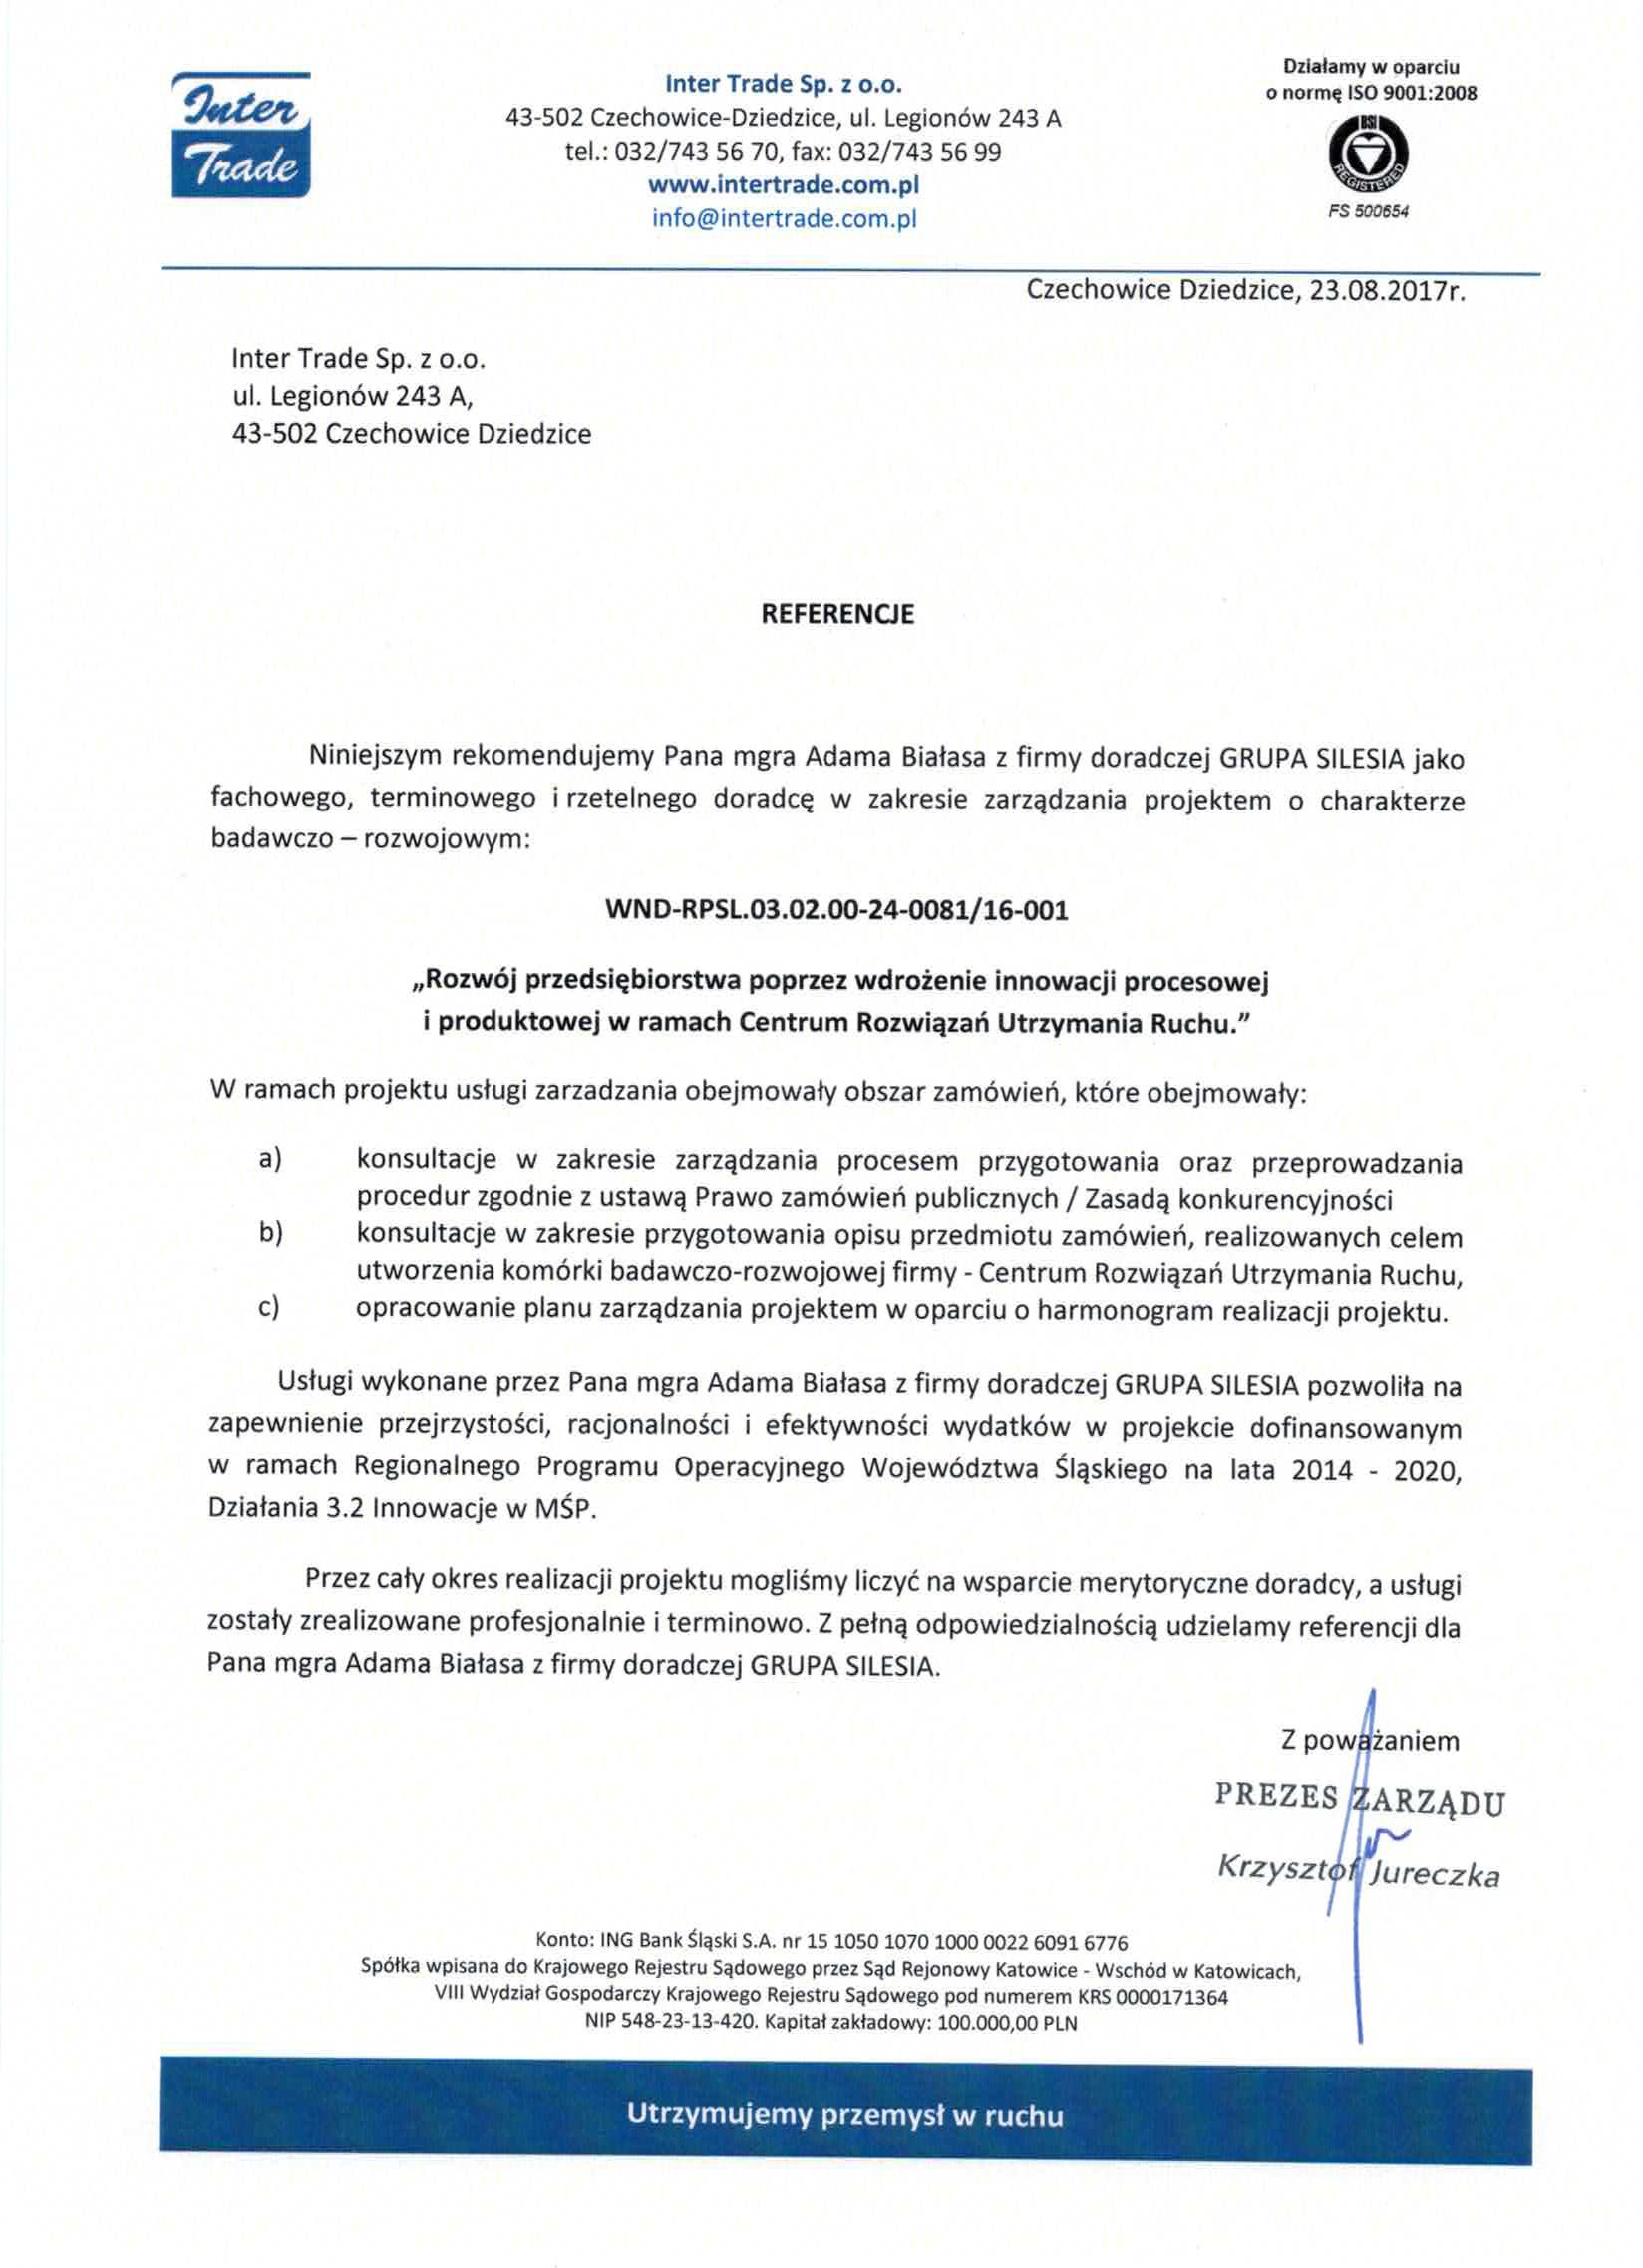 Inter Trade RPO WSL 3.2